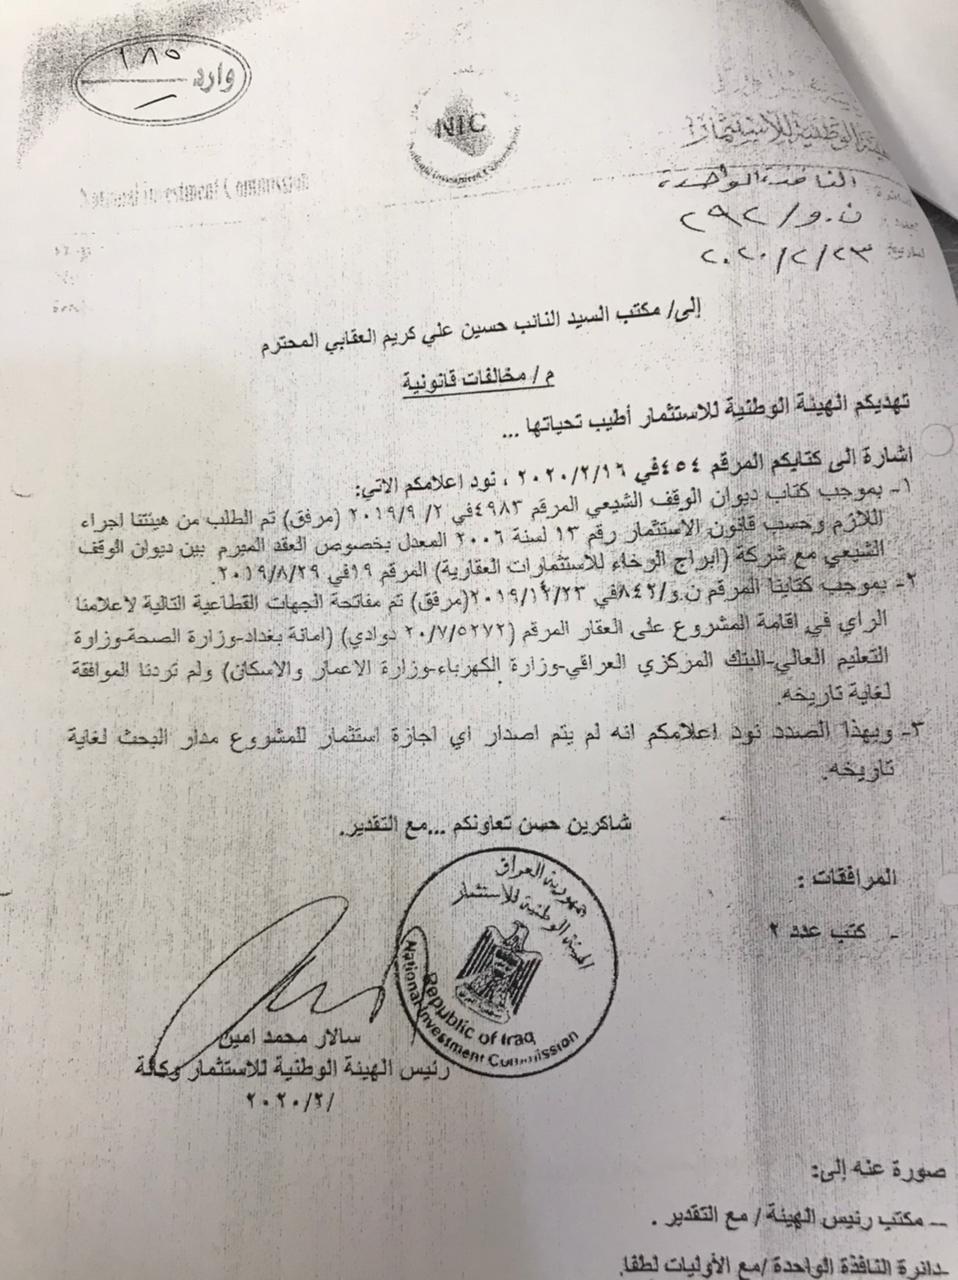 بالوثائق .. العقابي يكشف عن مخالفات جسيمة في تعاقد ديوان الوقف الشيعي مع شركة ابراج الرخاء